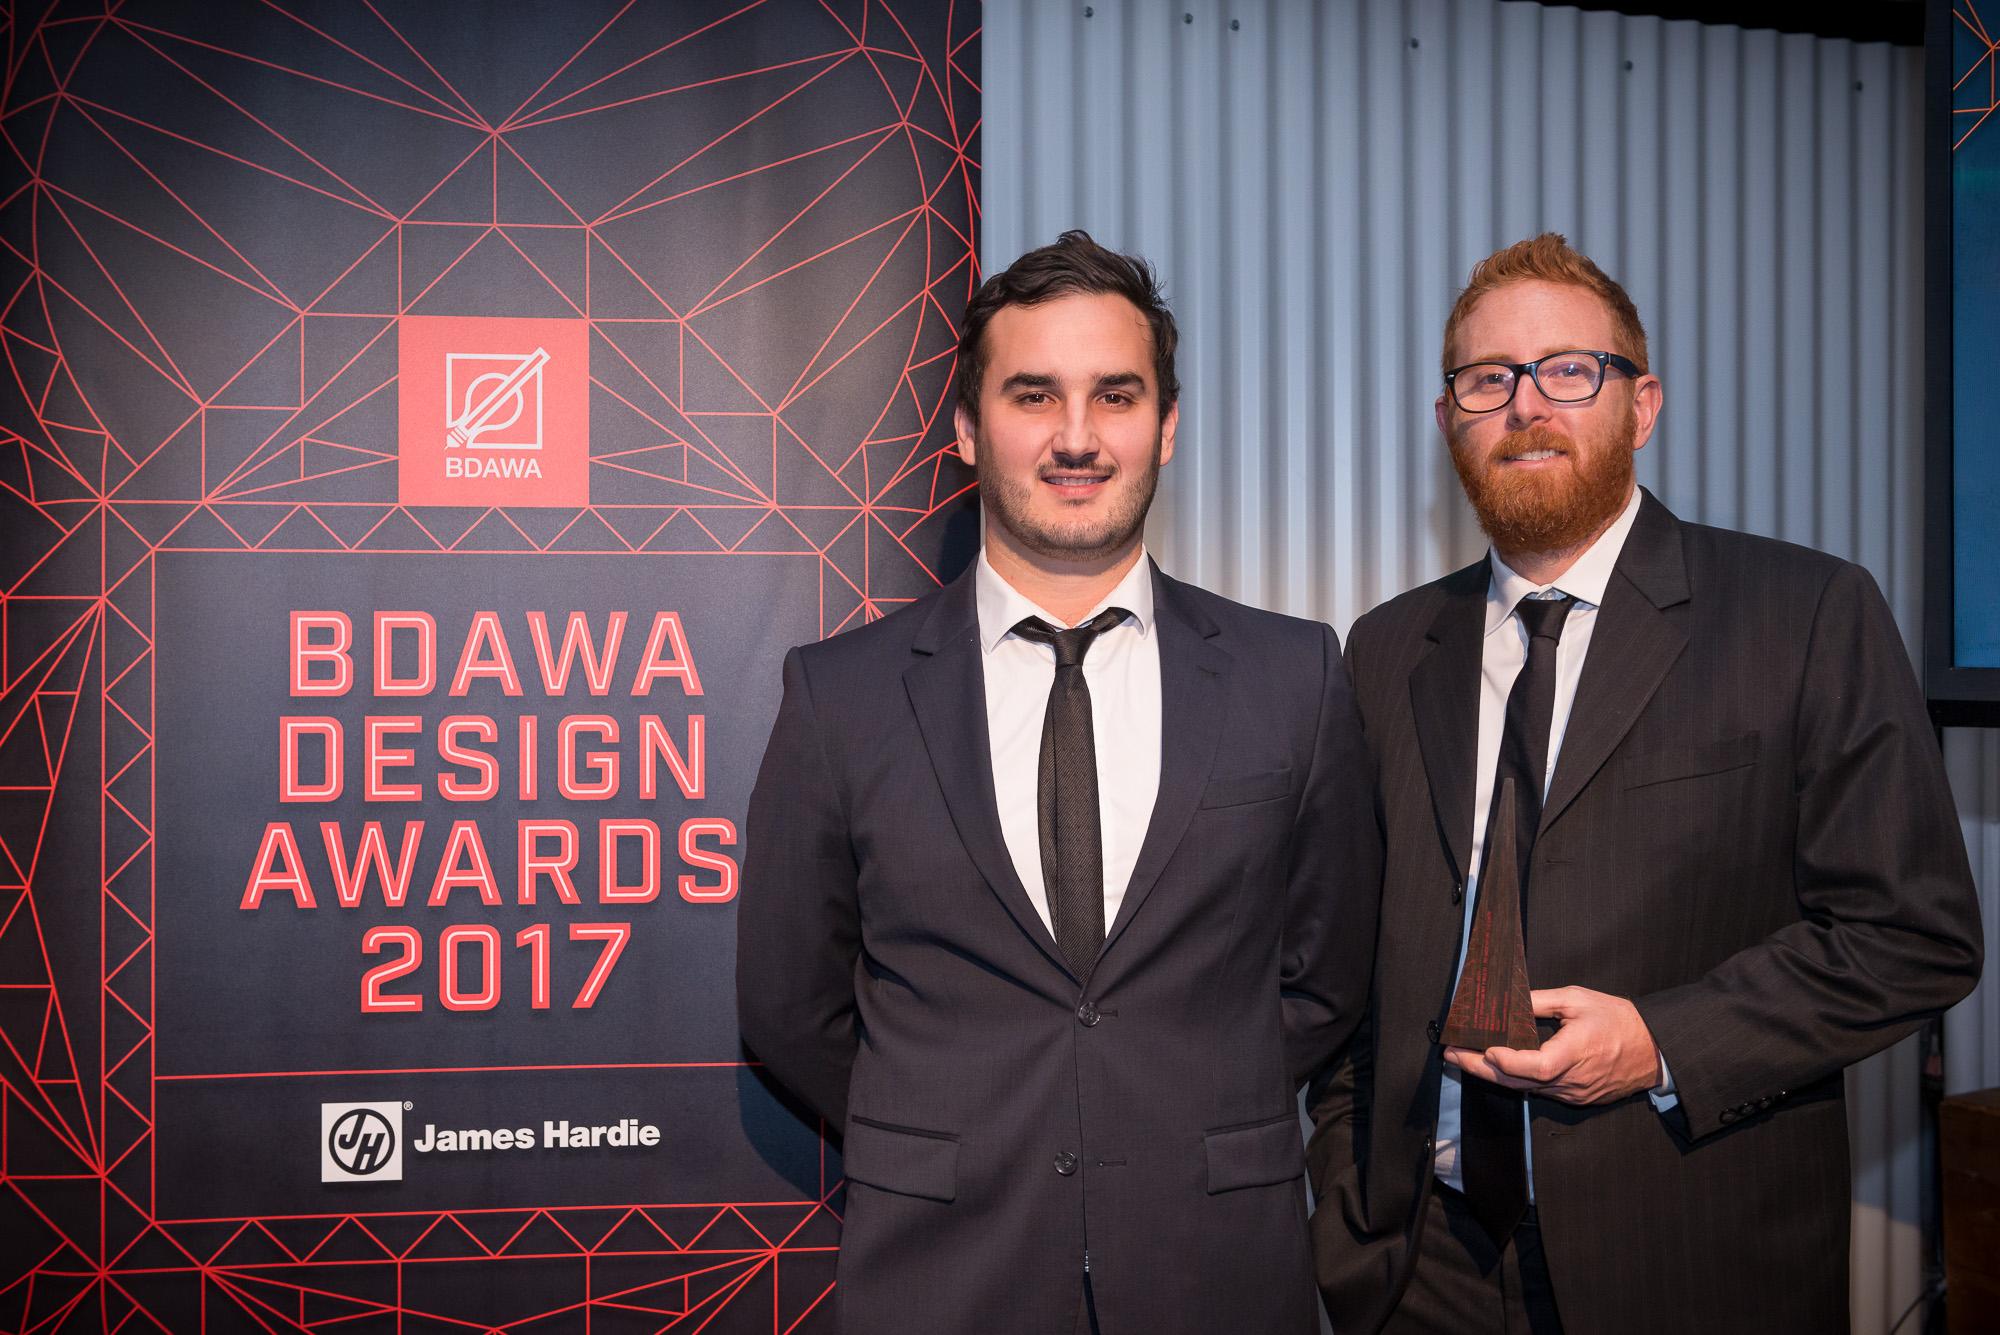 0239 BDA WA Awards 2017 _JHG7583.jpg